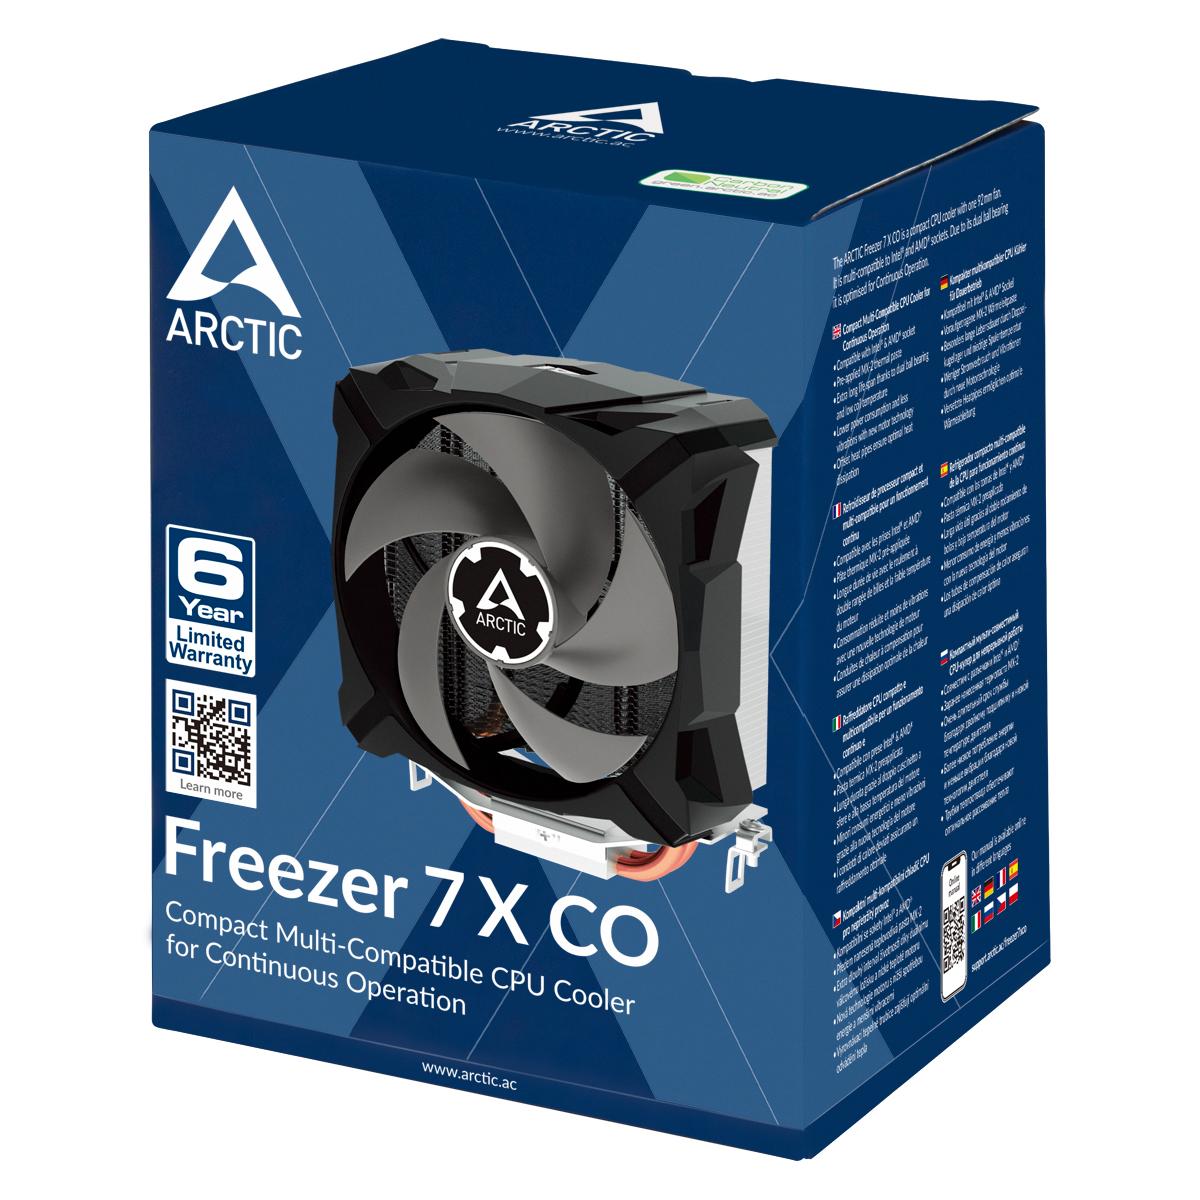 Freezer 7 X CO